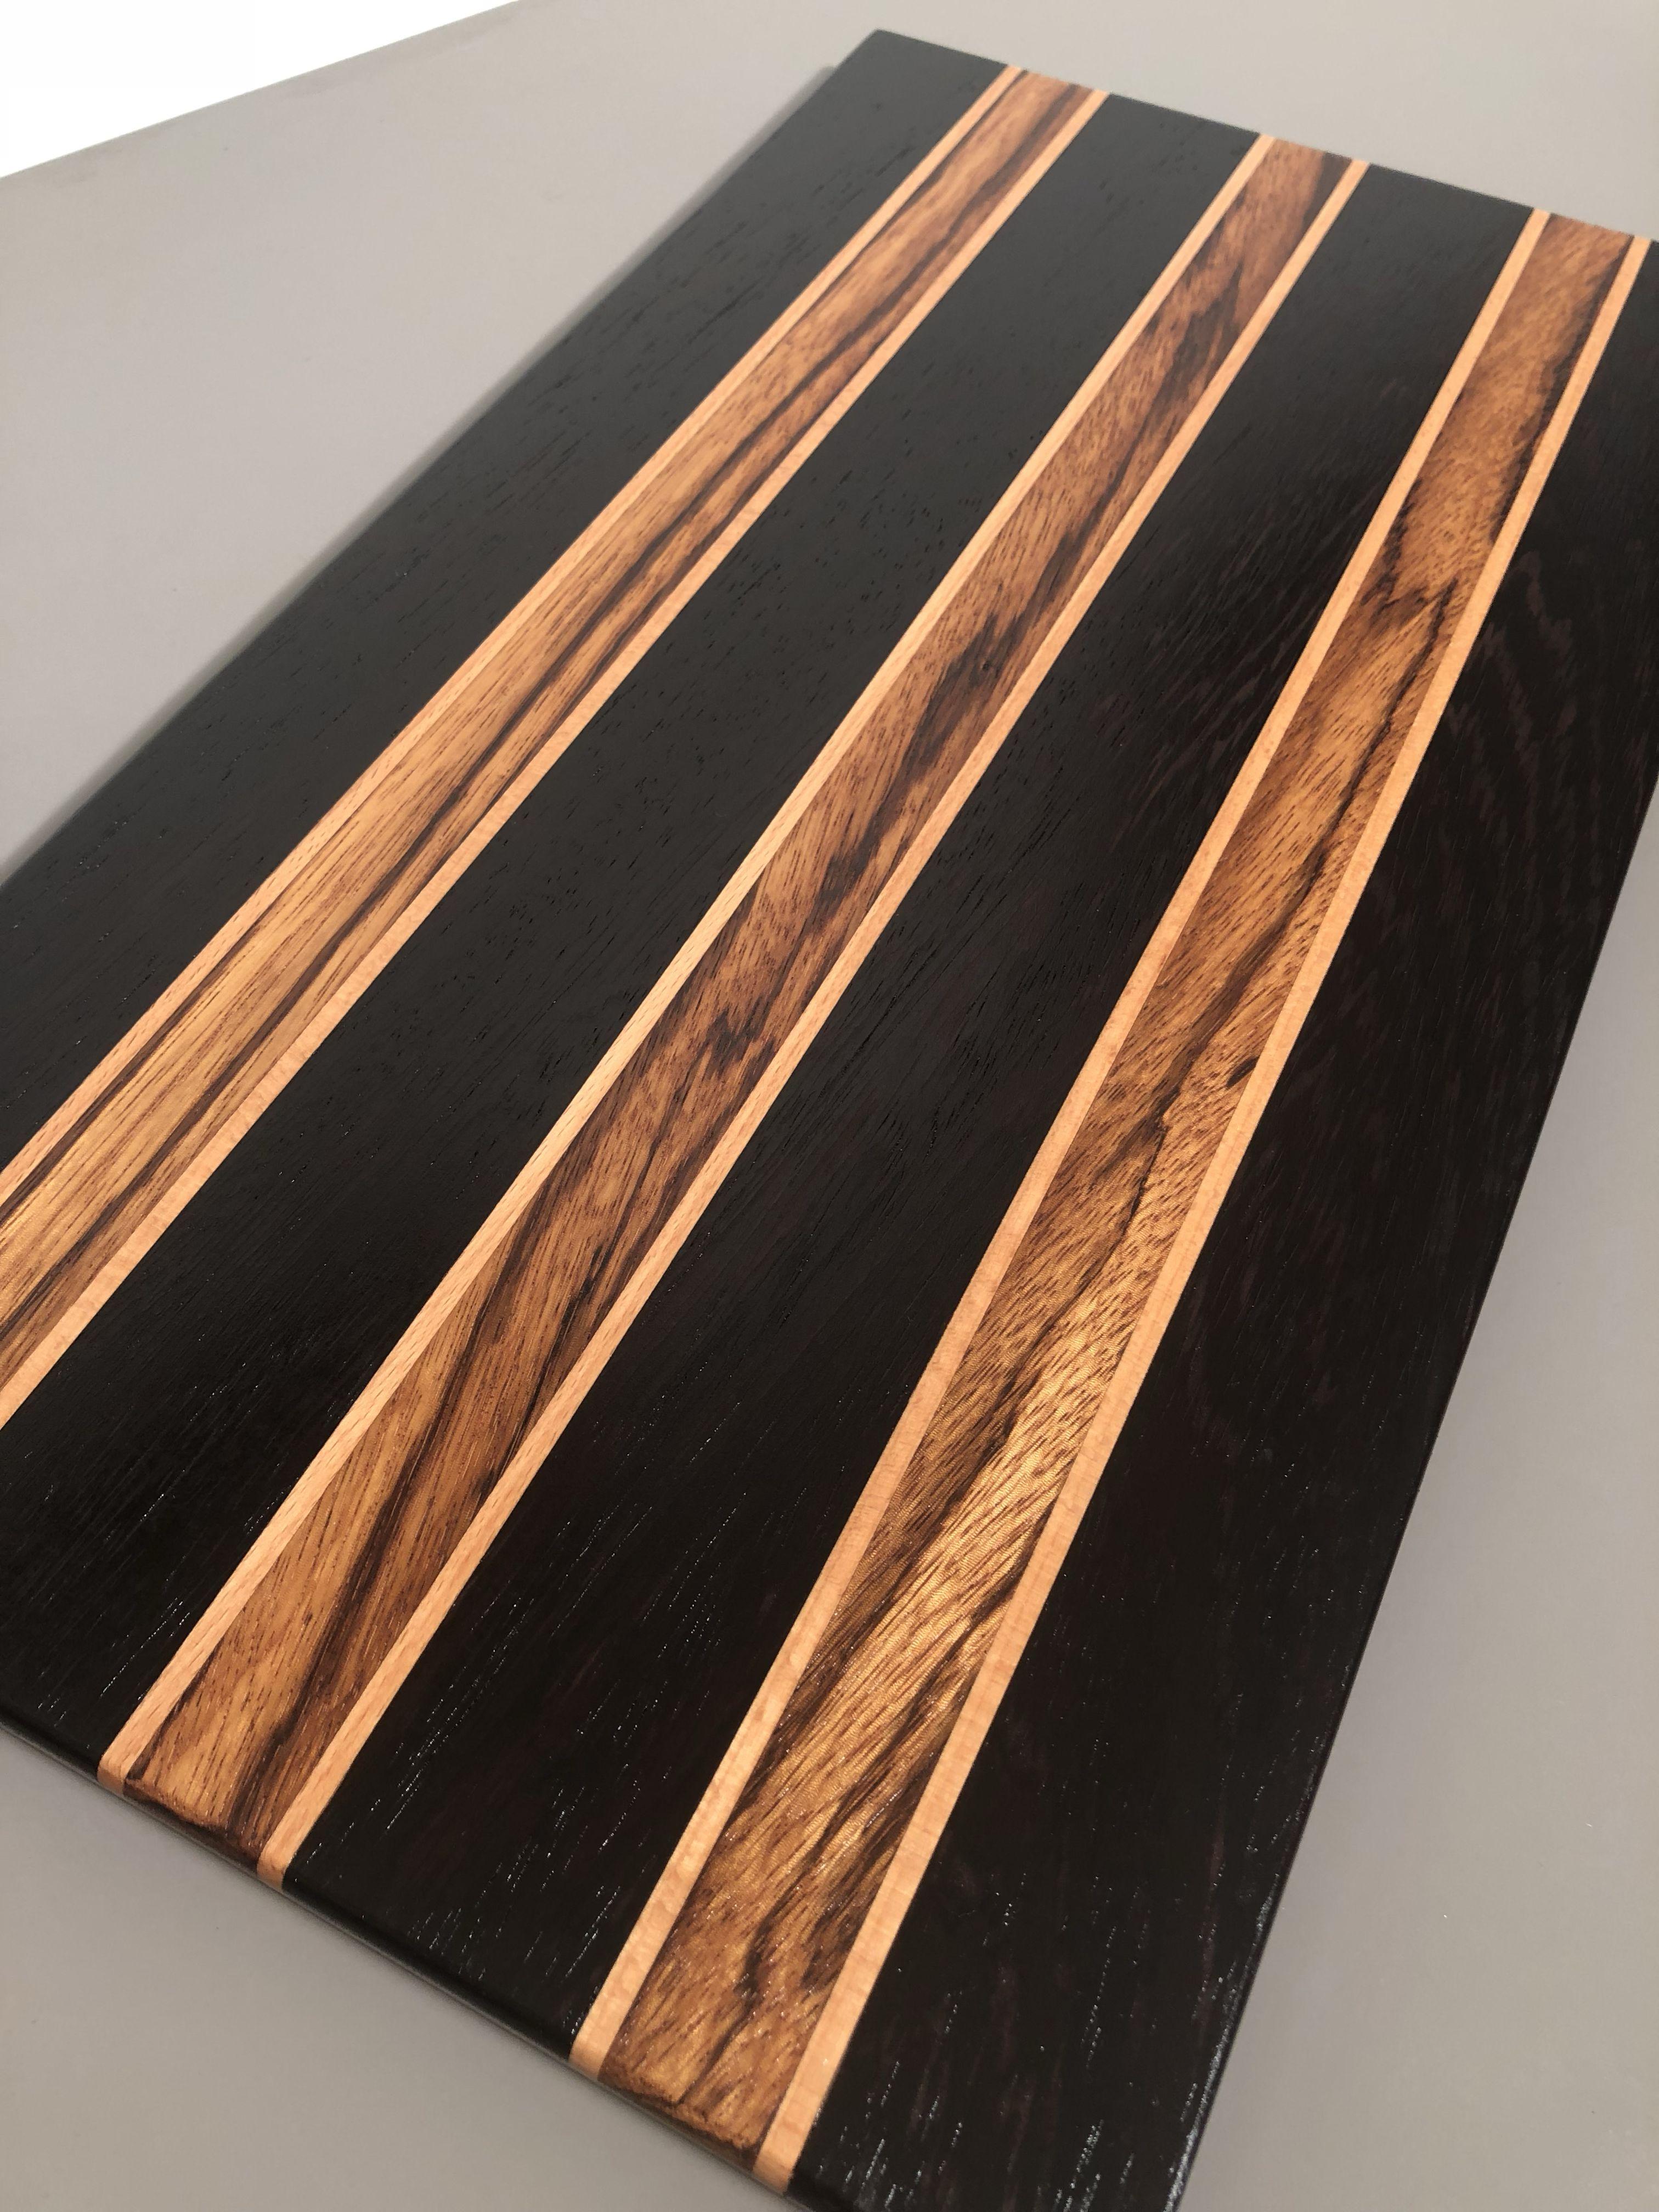 Pin On Cutting Board Ideas Diy